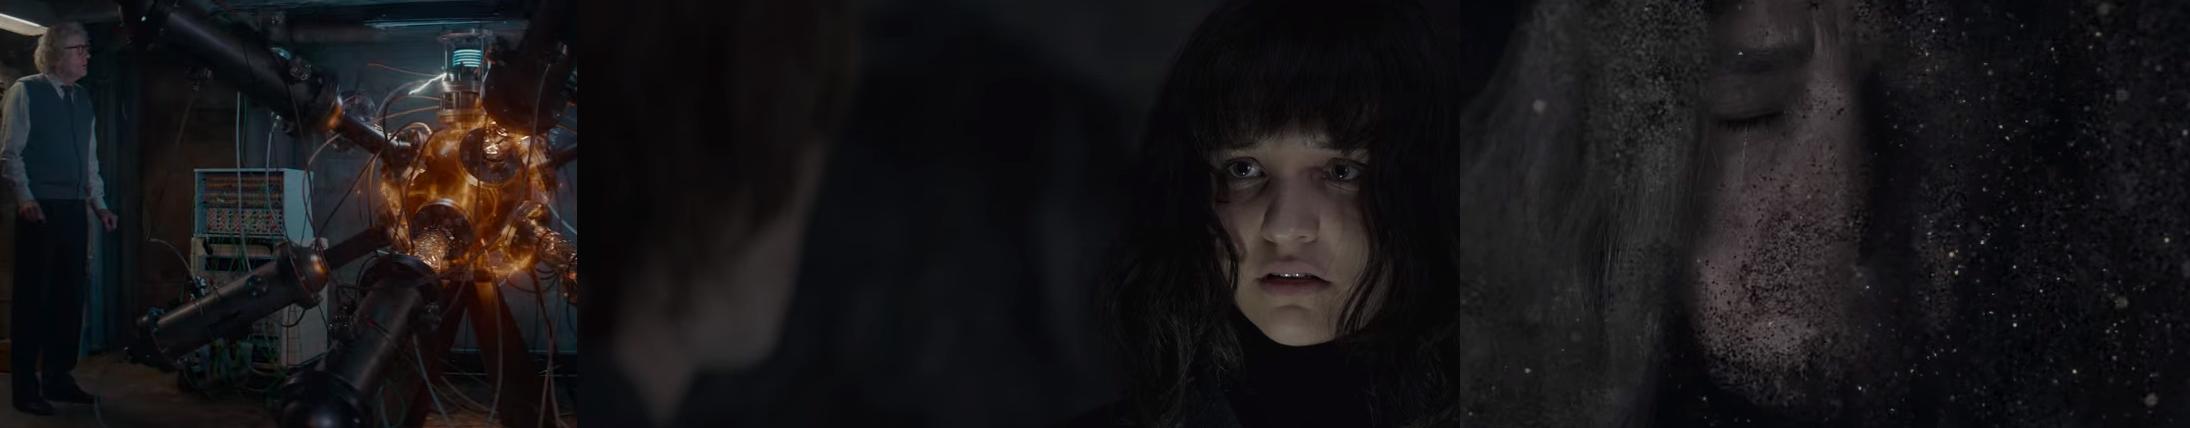 Capturas de tela de diferentes momento da série: quando Tannhaus liga a máquina (T03E08), quando Jonas é levado por Martha para o mundo de Eva (T03E01) e quando Claudia desaparece, junto com os dois mundos (T03E08).